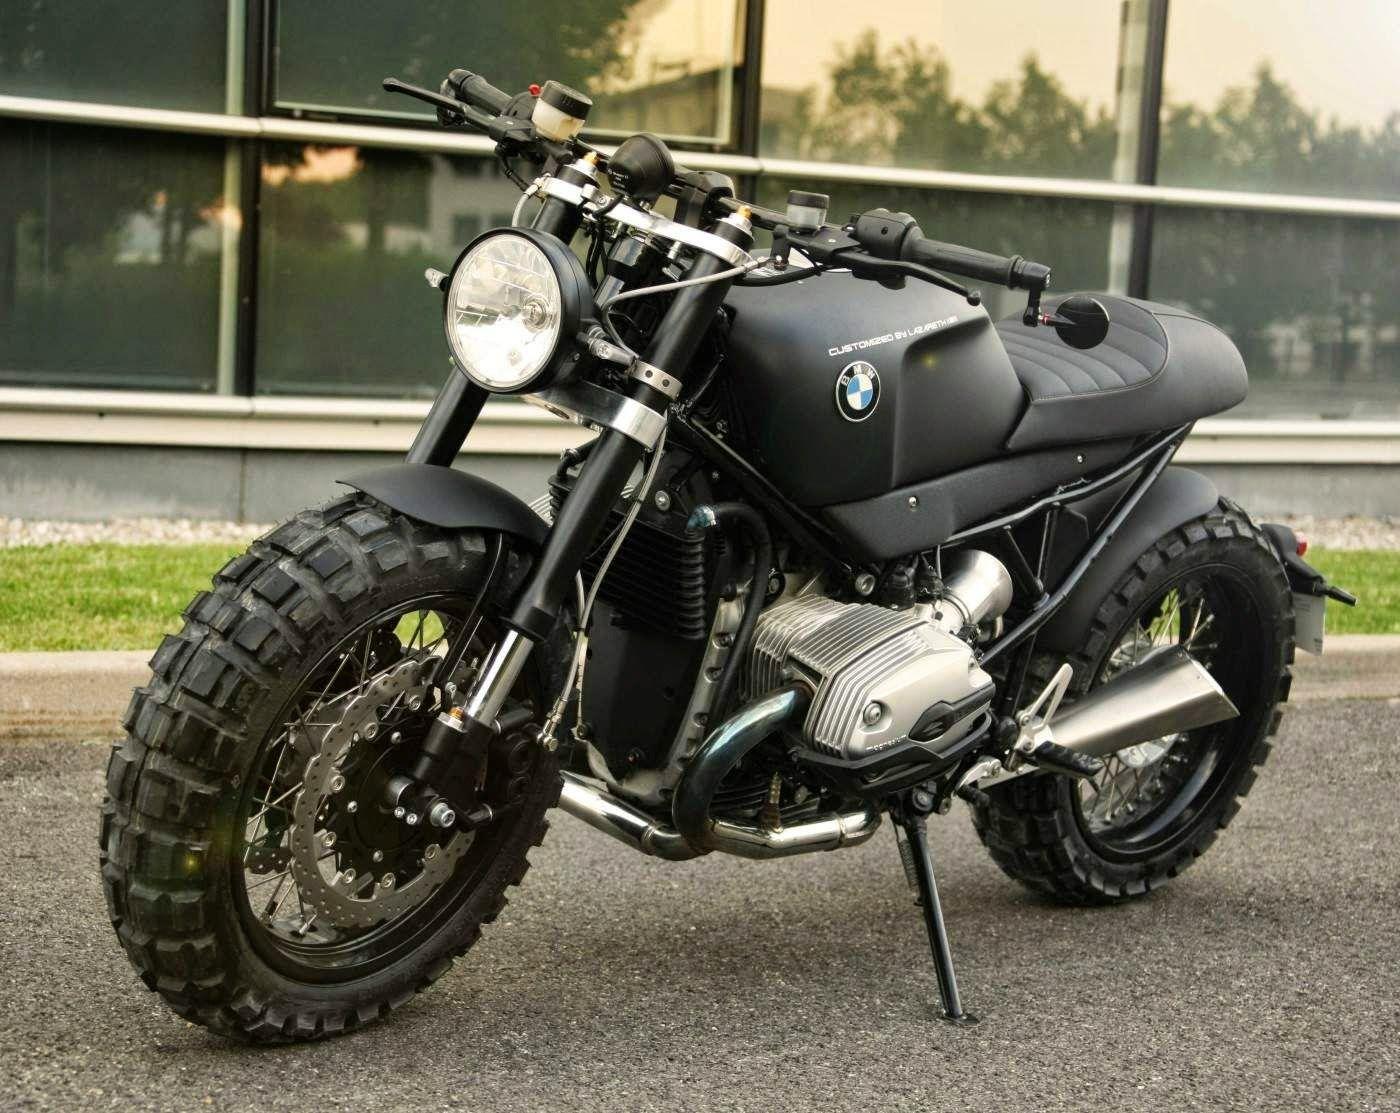 A melhor moto que j pilotei sensacional motorcycles pinterest luzes - Garage moto bmw belgique ...